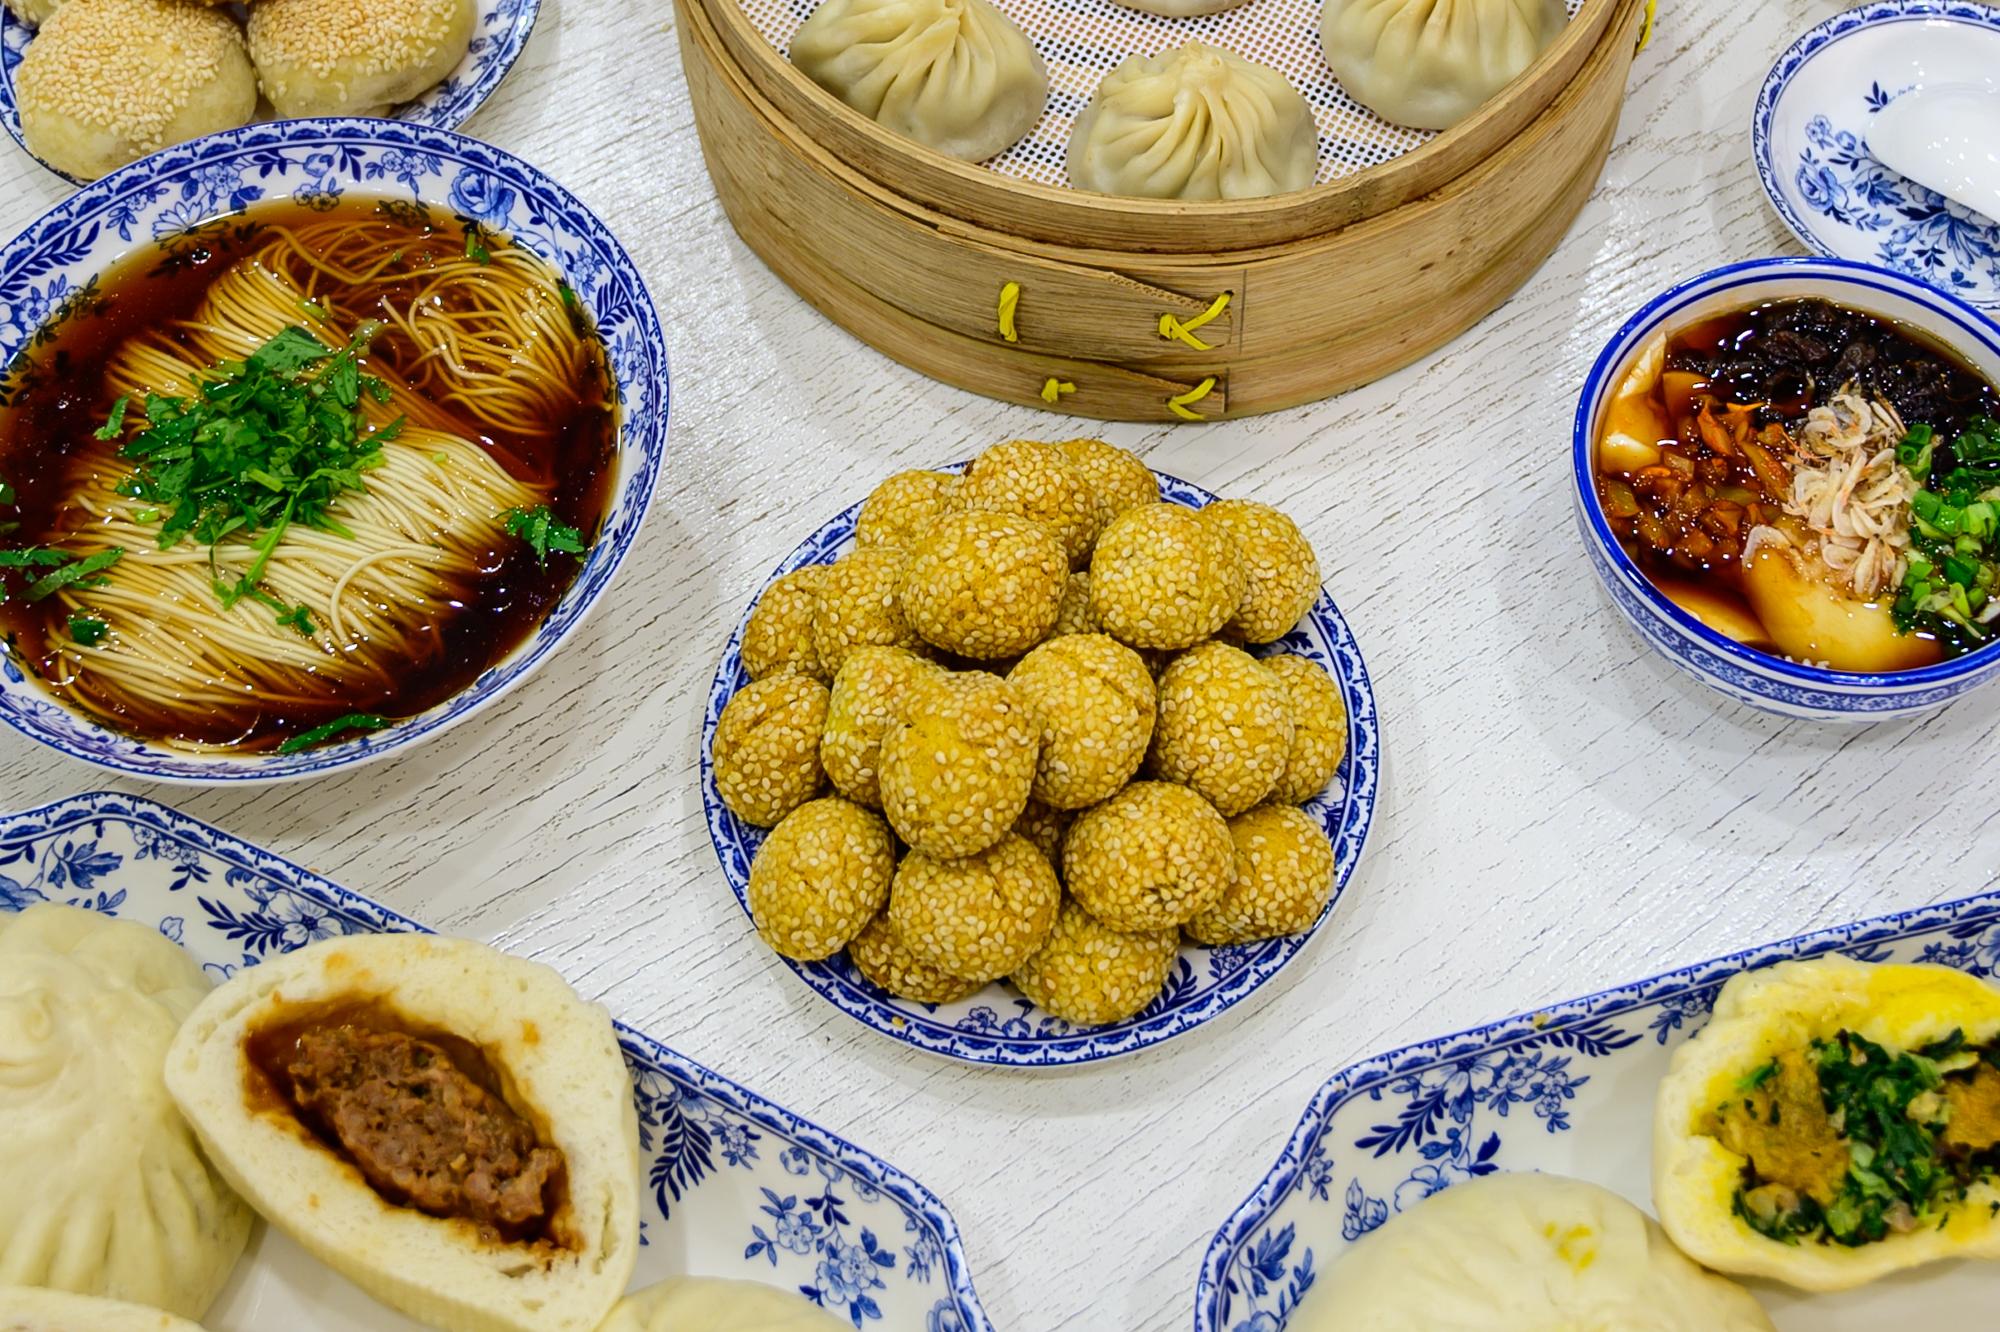 原创             无锡旅行必打卡的7道经典美食,好吃不贵,看看你吃过几个?